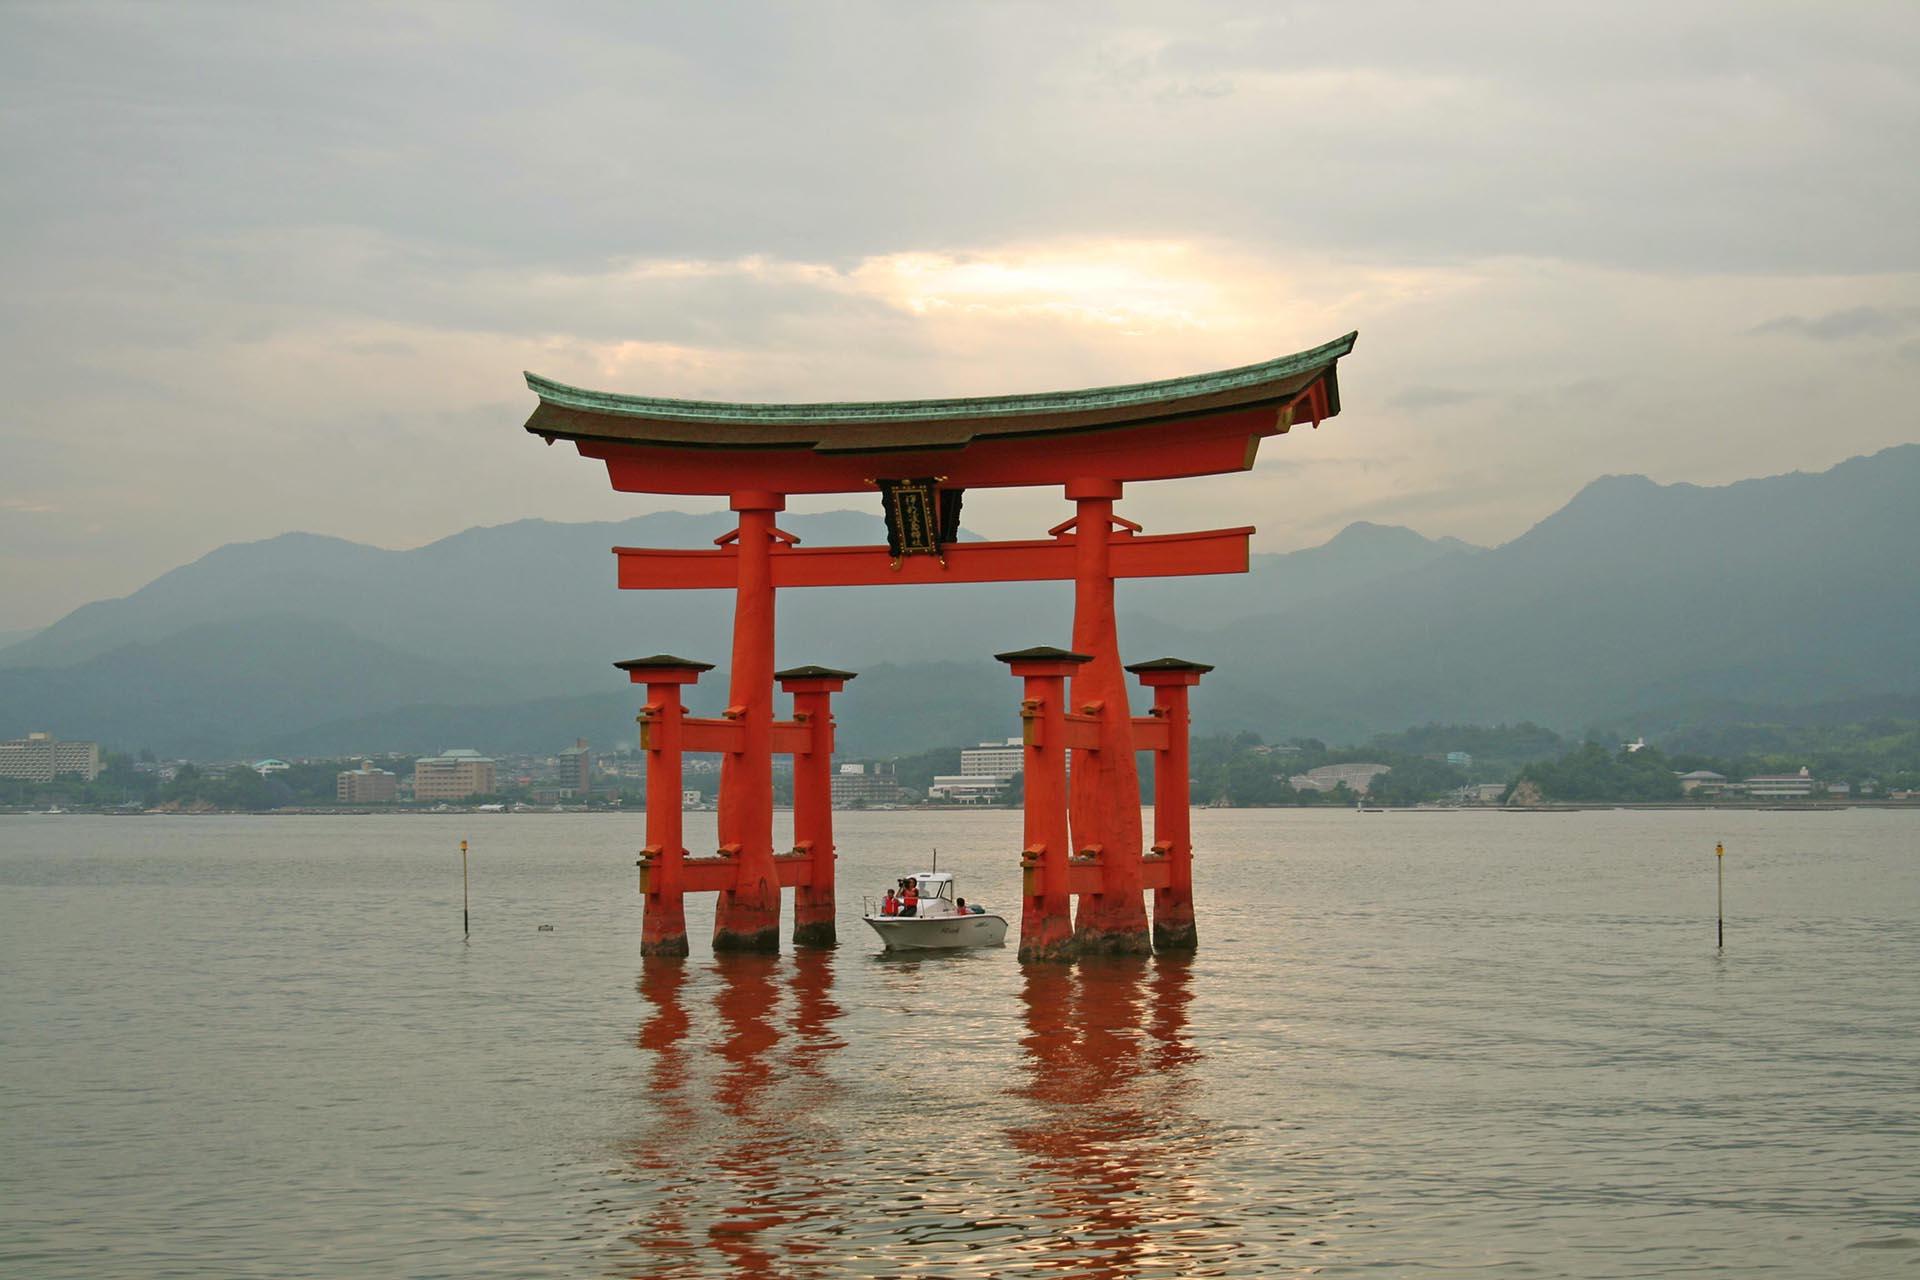 厳島神社の鳥居(宮島大鳥居) 広島の風景